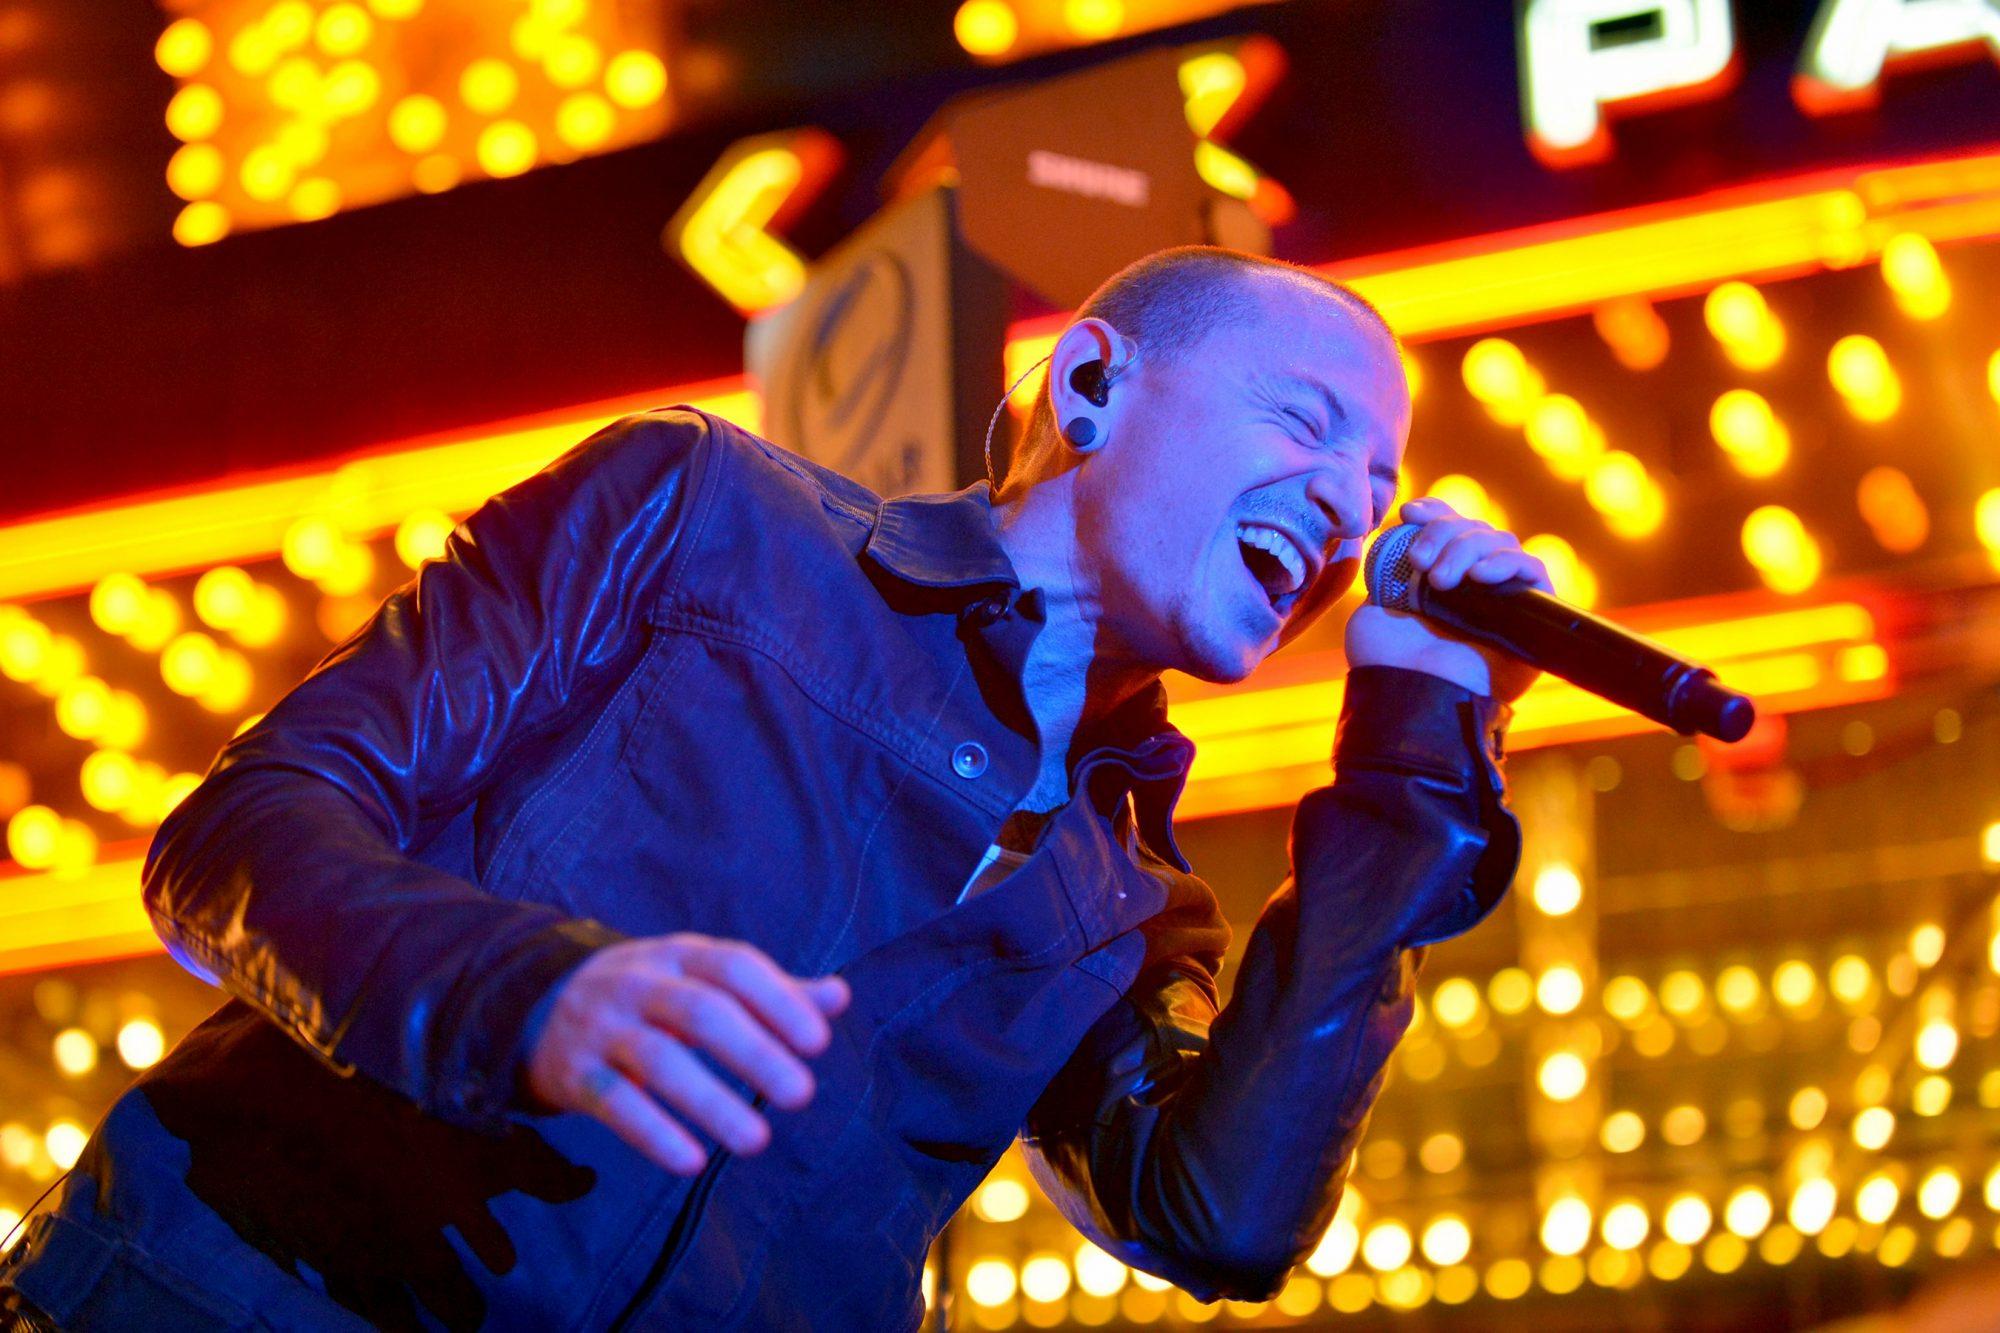 Stone Temple Pilots Perform At The D Las Vegas